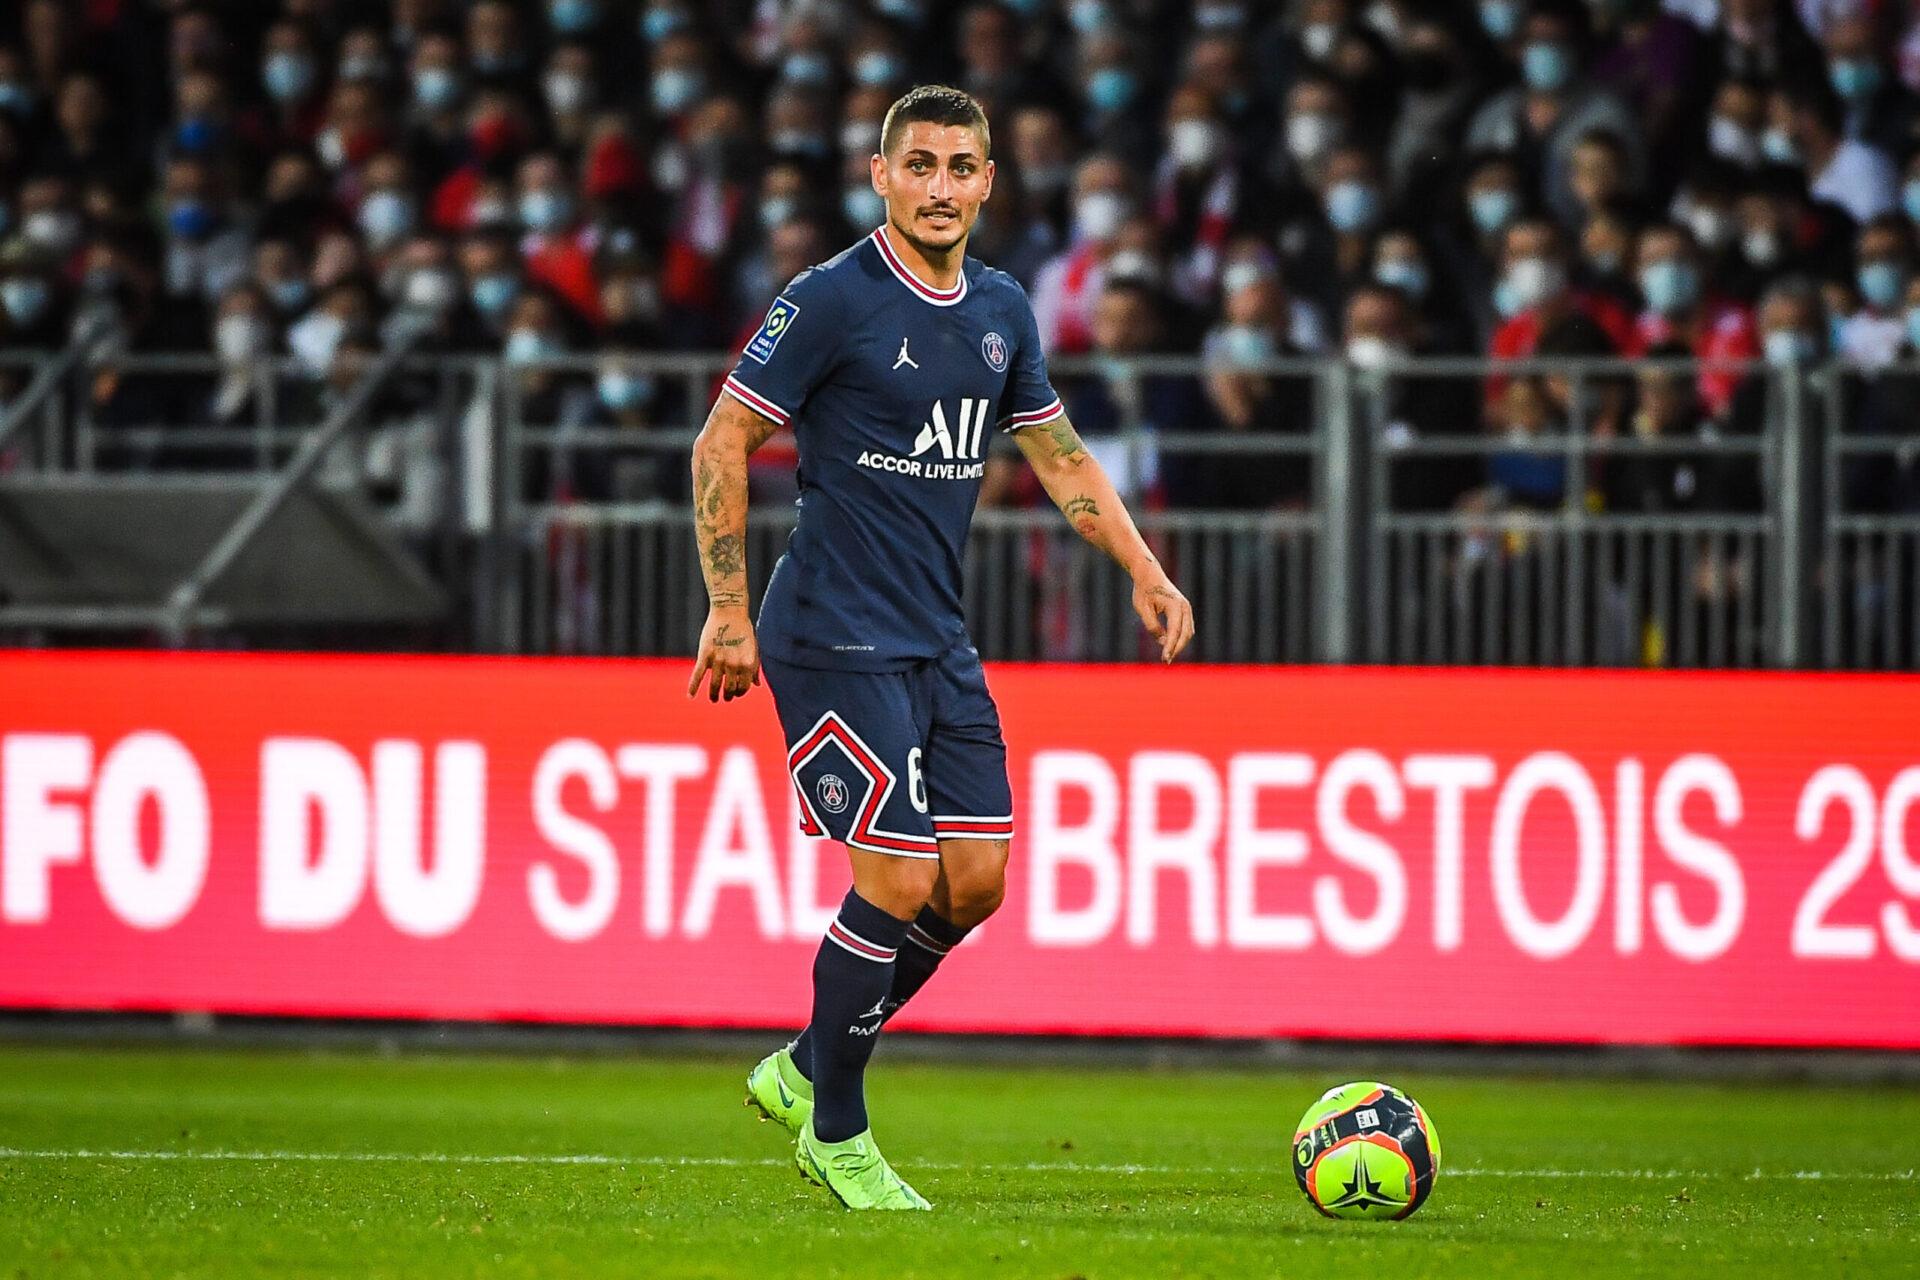 Marco Verratti, blessé depuis le début du mois de septembre, sera-t-il de la partie contre Manchester City ? Icon Sport